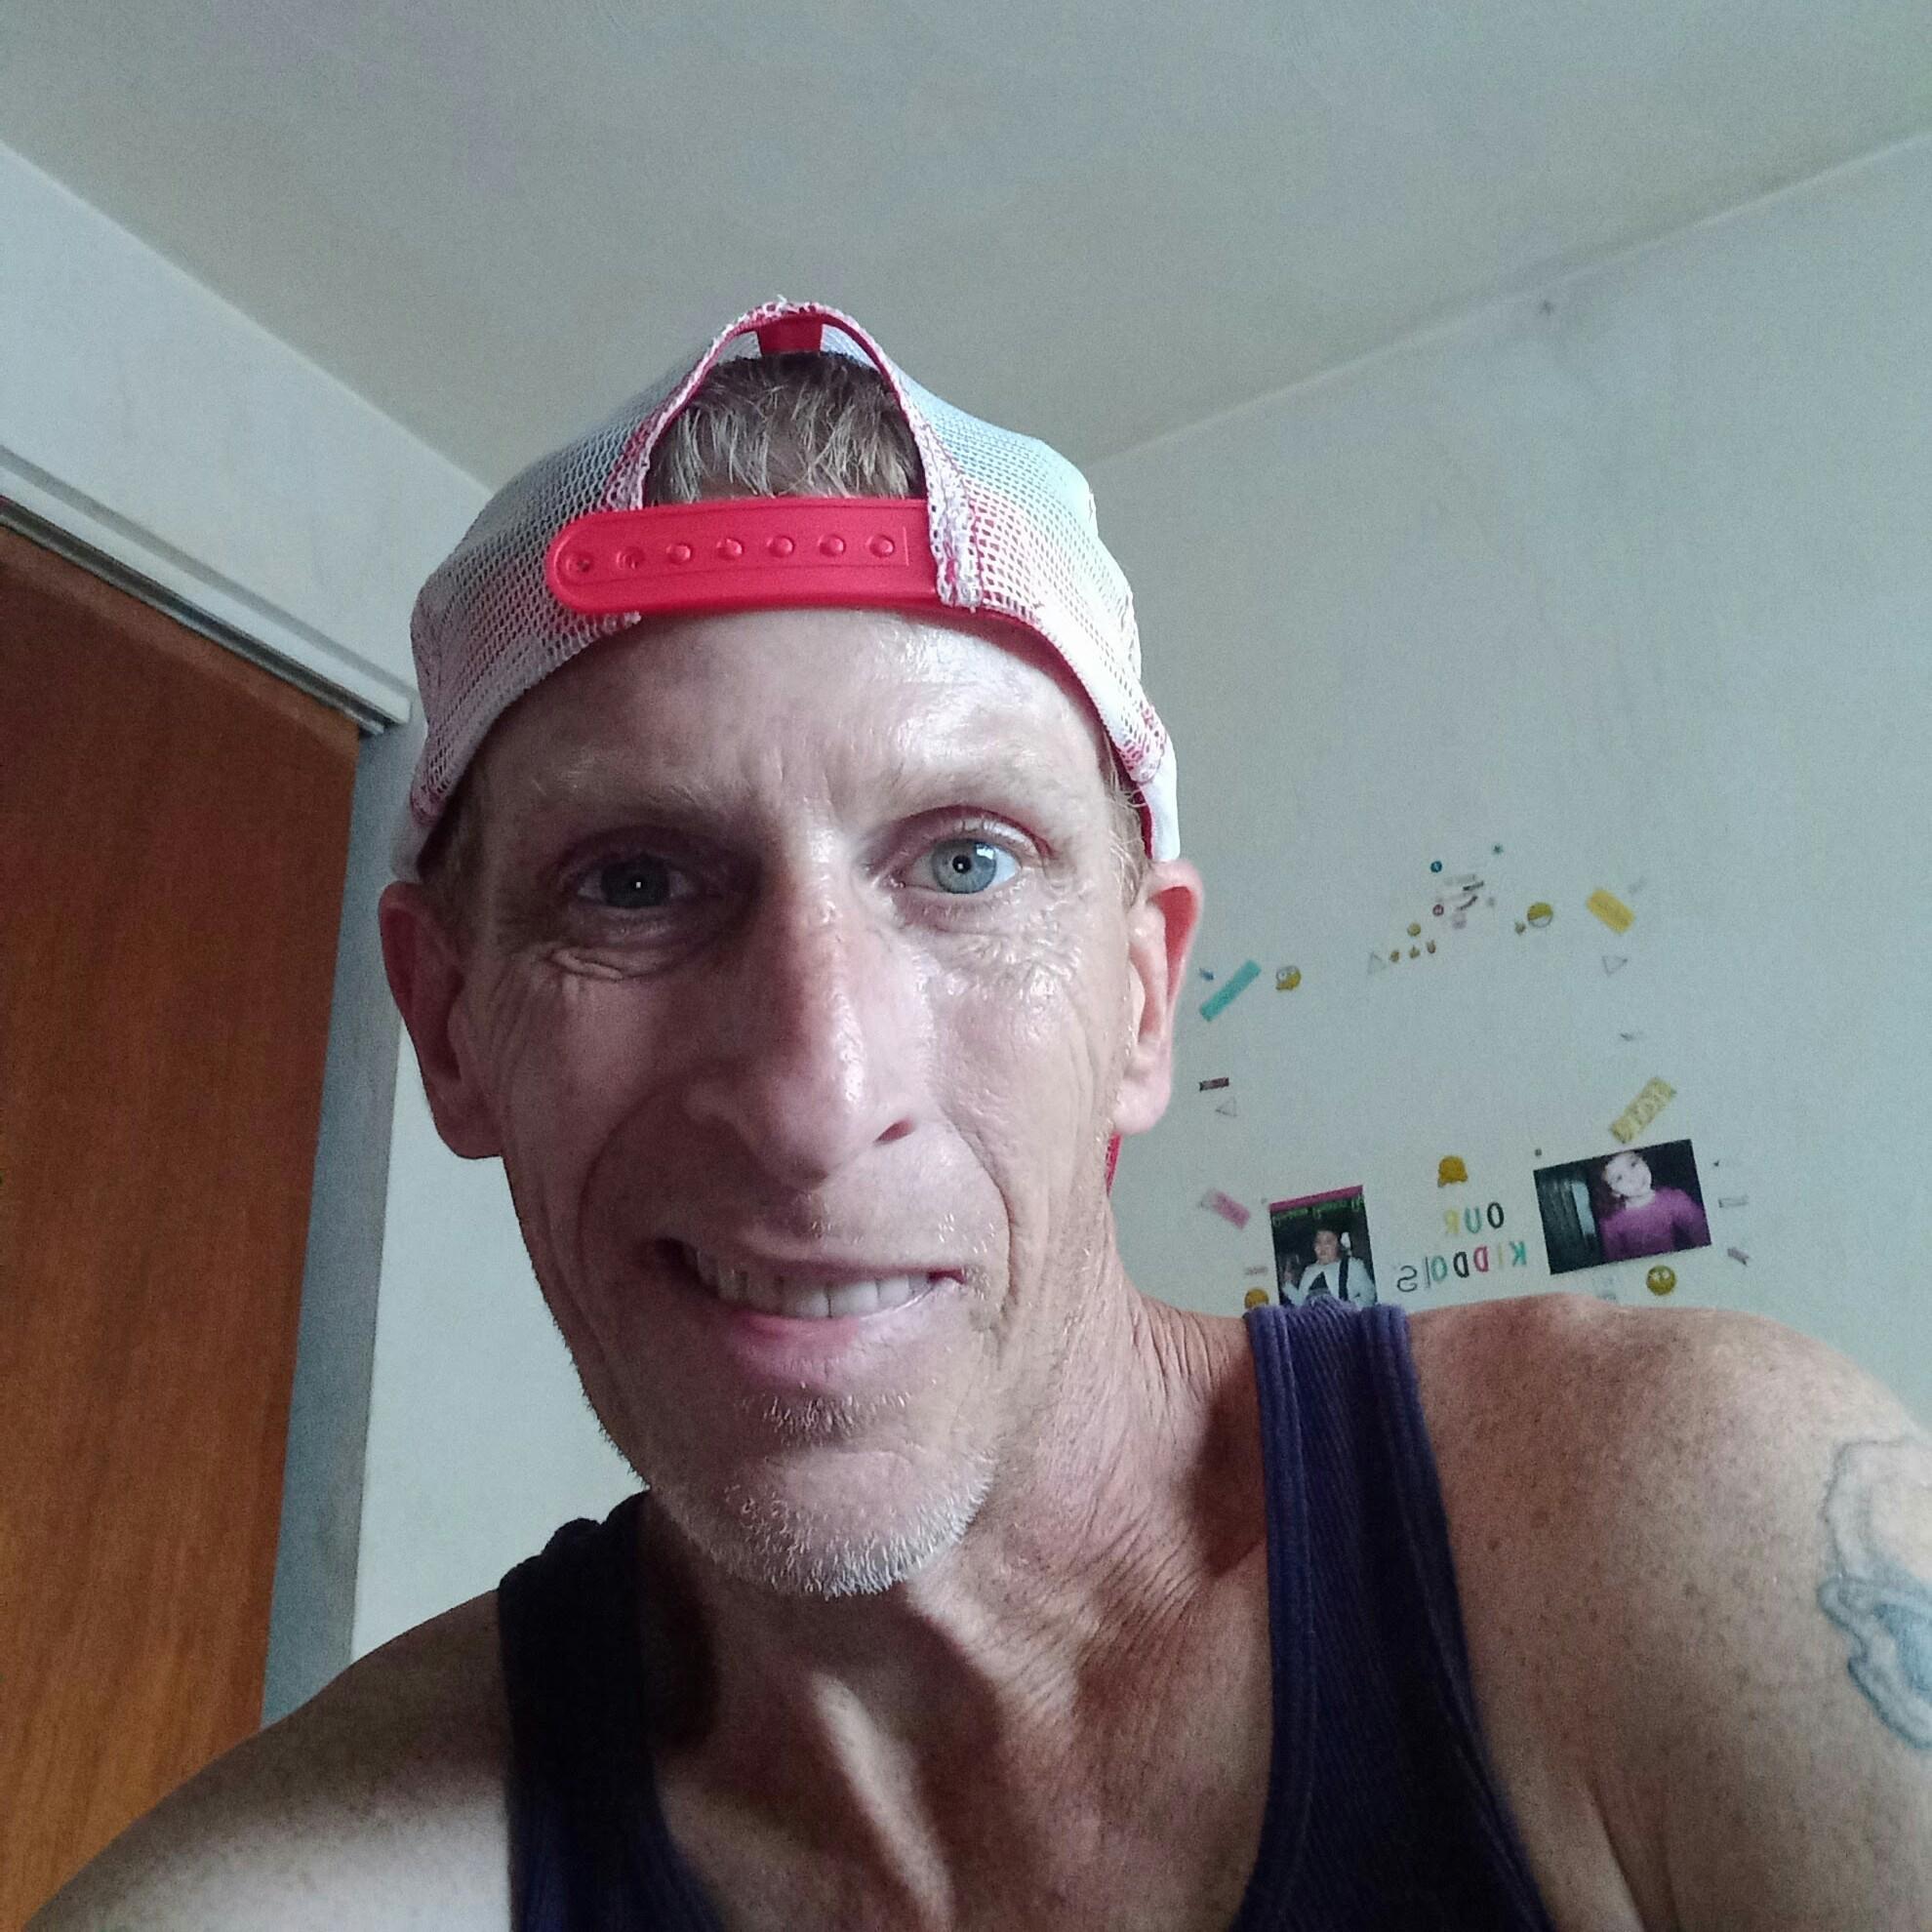 http://catch-app.oss-us-east-1.aliyuncs.com/image/1631803230279-9314778b-a68d-4c8f-87c5-bb079d034188.jpg